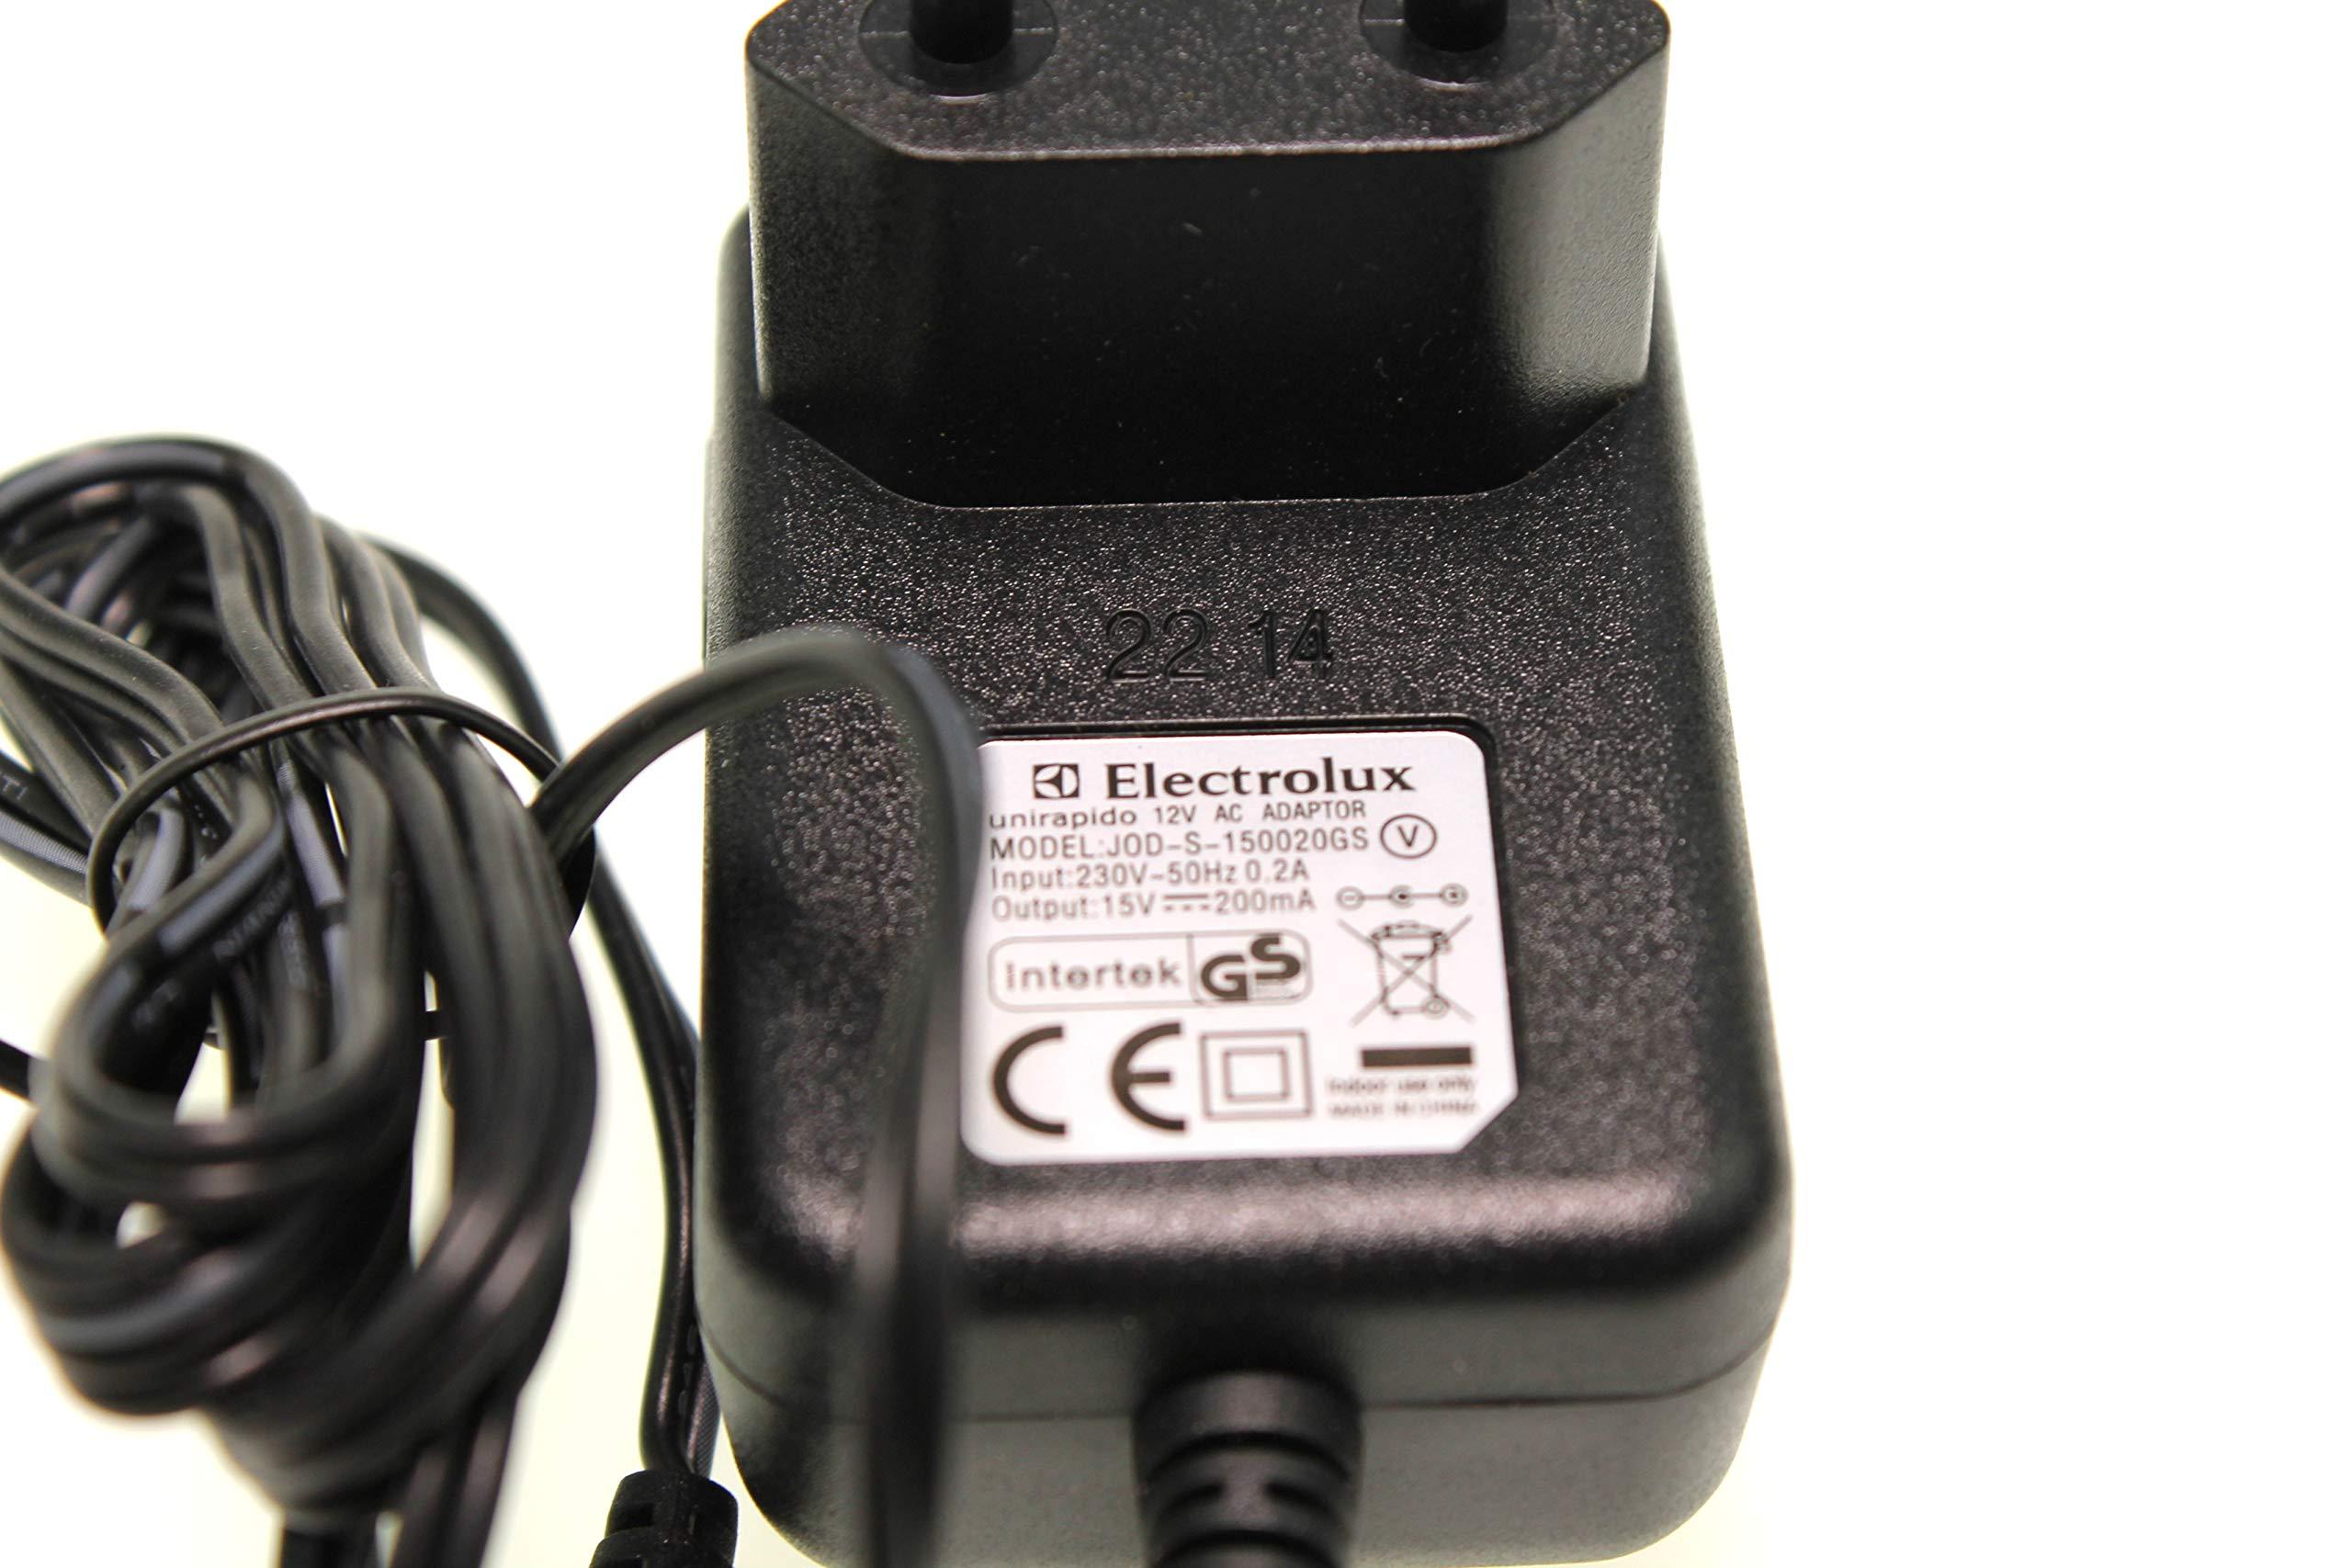 AEG – ELECTROLUX 4055093548 Cable de alimentación para ag803, zb2803 batería Aspiradora: Amazon.es: Hogar